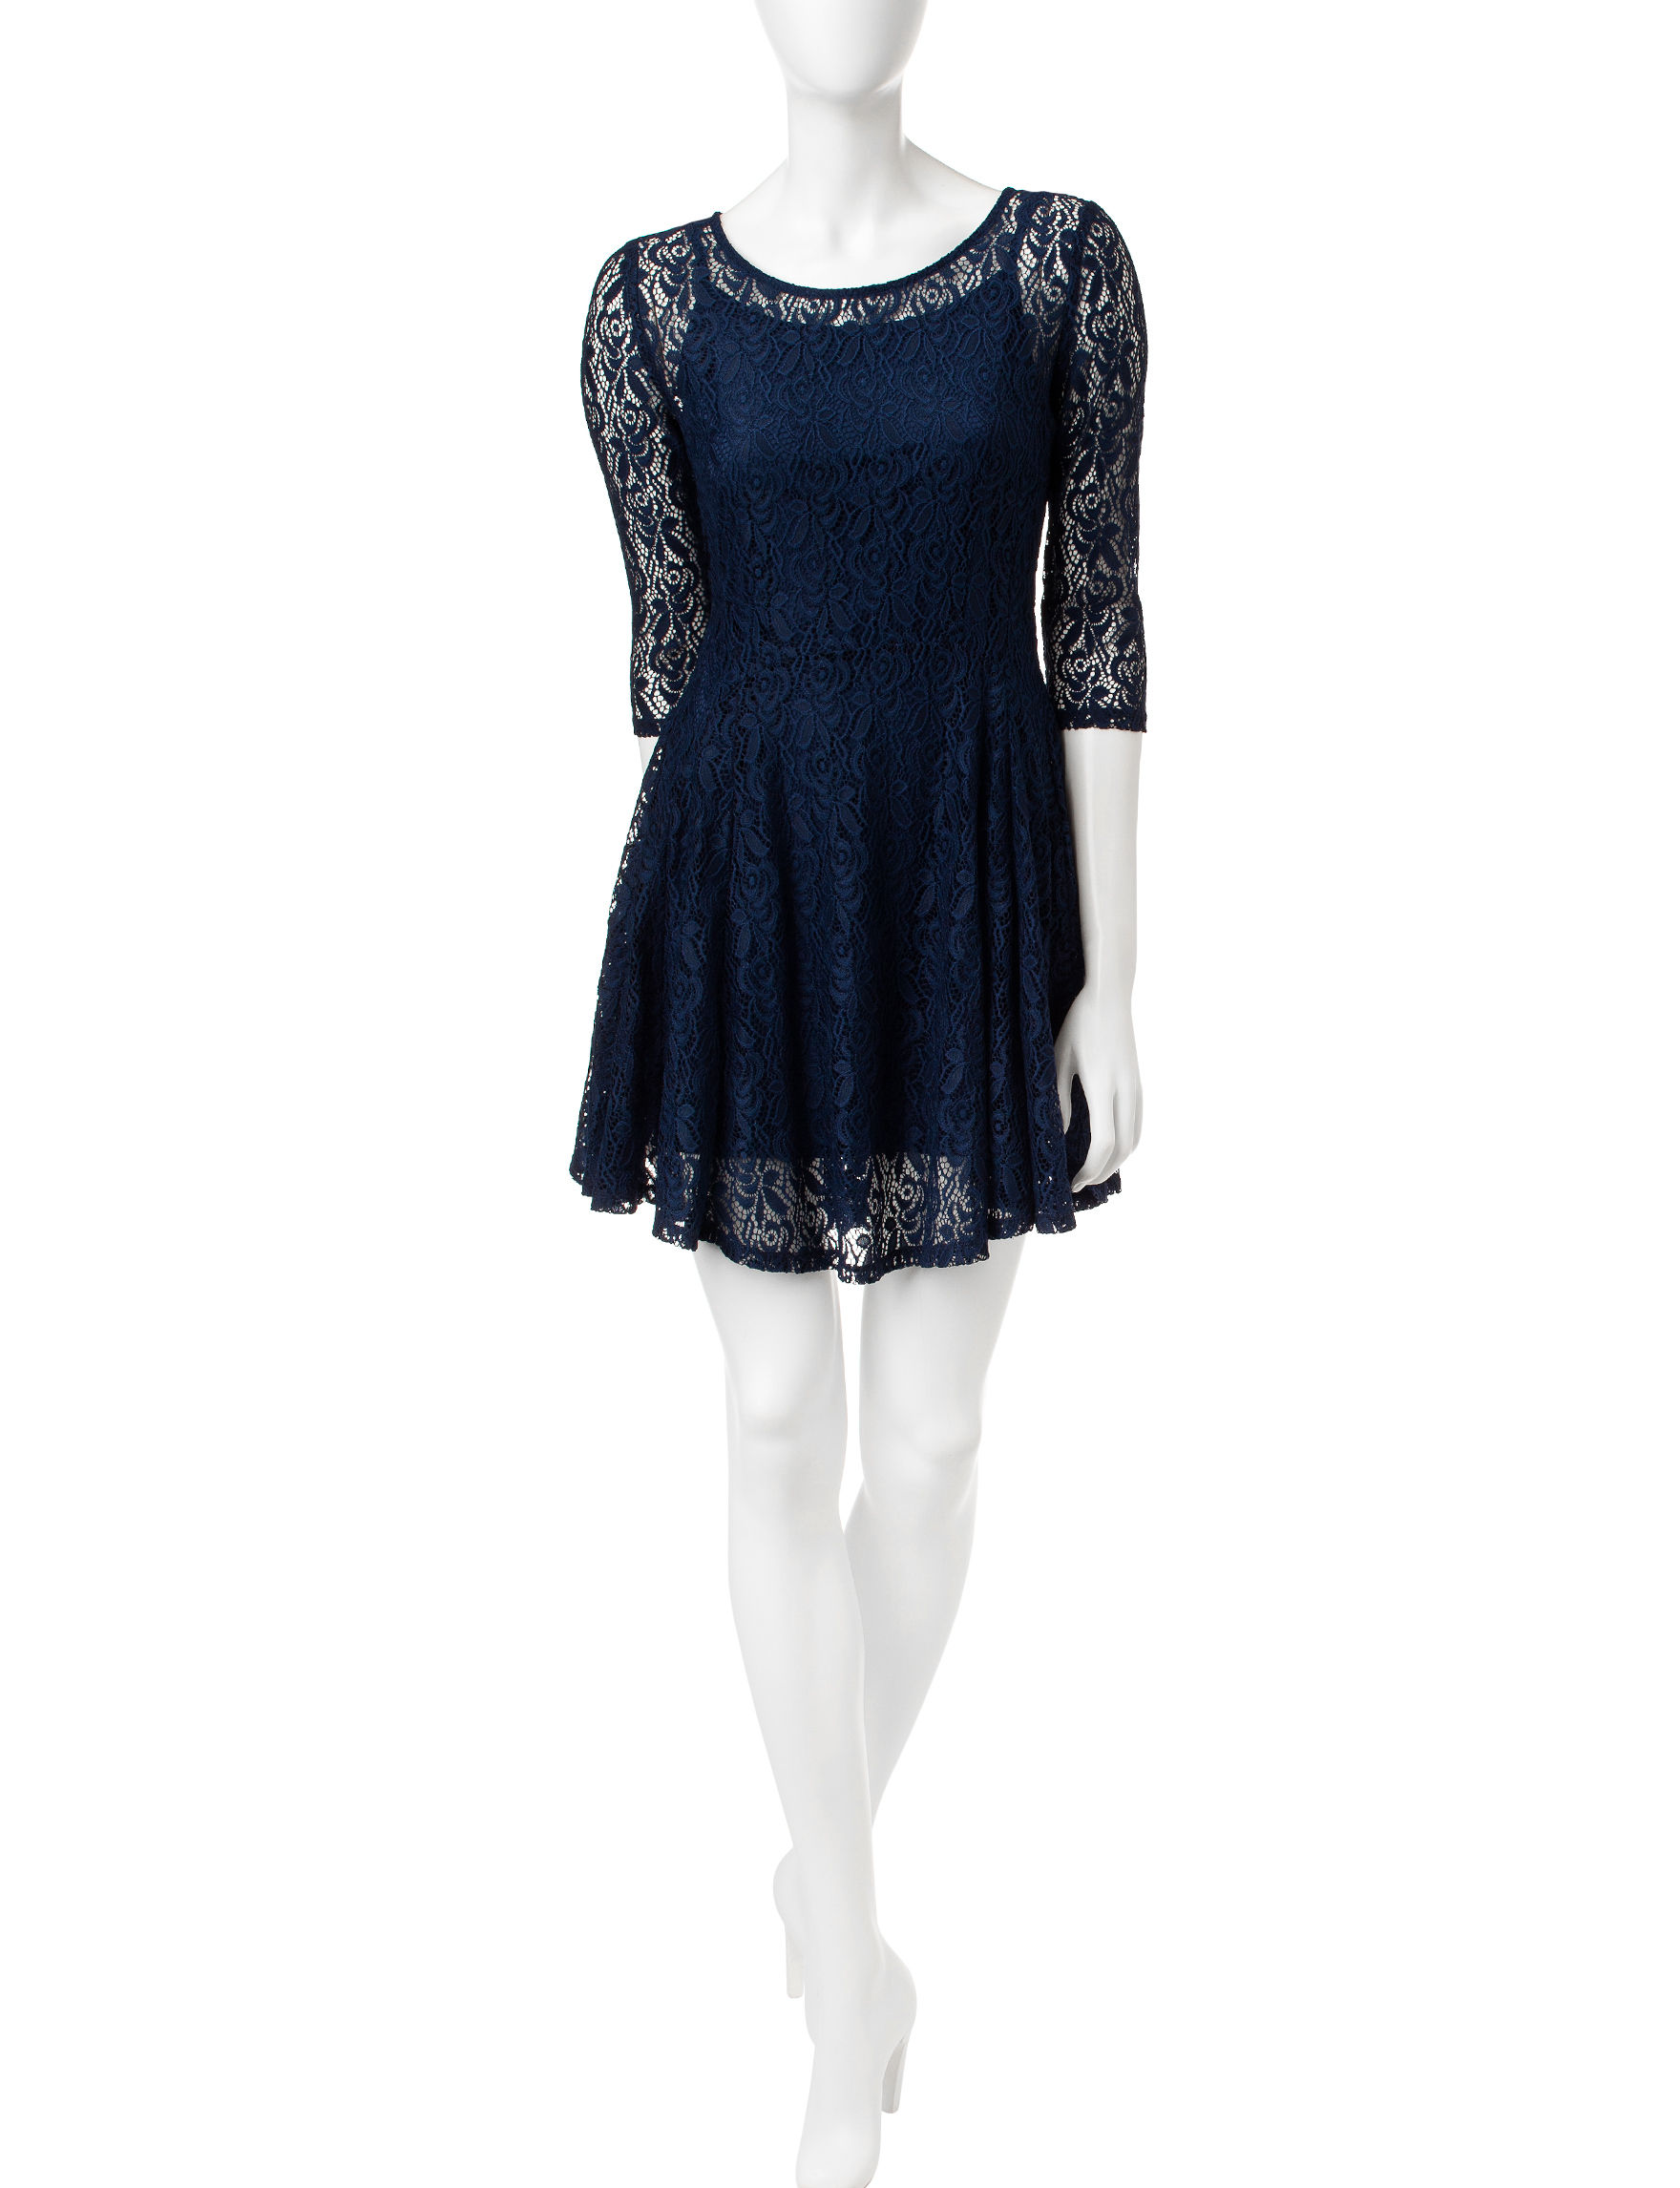 BeBop Navy Fit & Flare Dresses